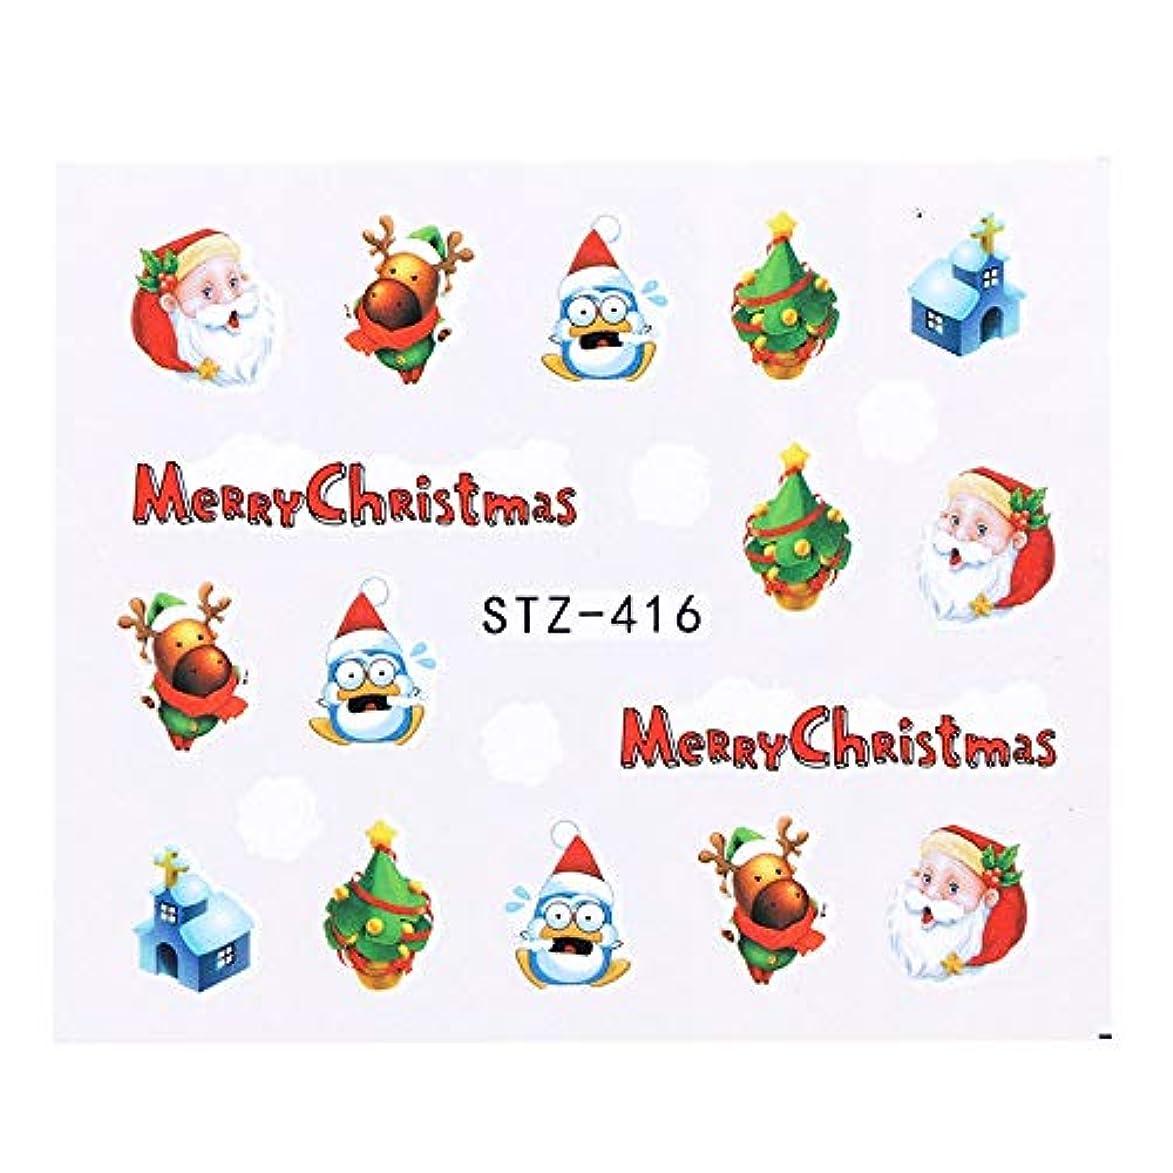 防腐剤同化するプロペラ1シートクリスマスネイルアートウォーターステッカー漫画ヘラジカ雪だるまフルカバースライダーのヒントポーランドゲルジェルネイル装飾SASTZ405-438 STZ416